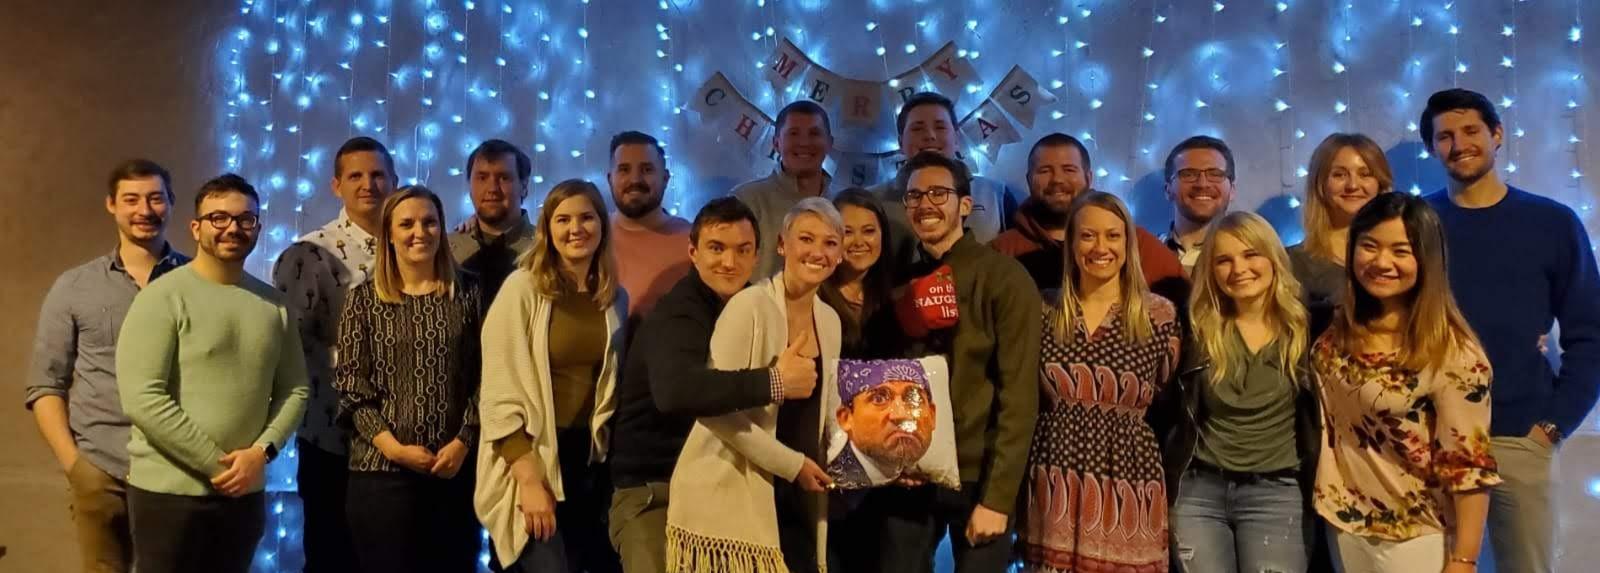 Christmas%202019_edited